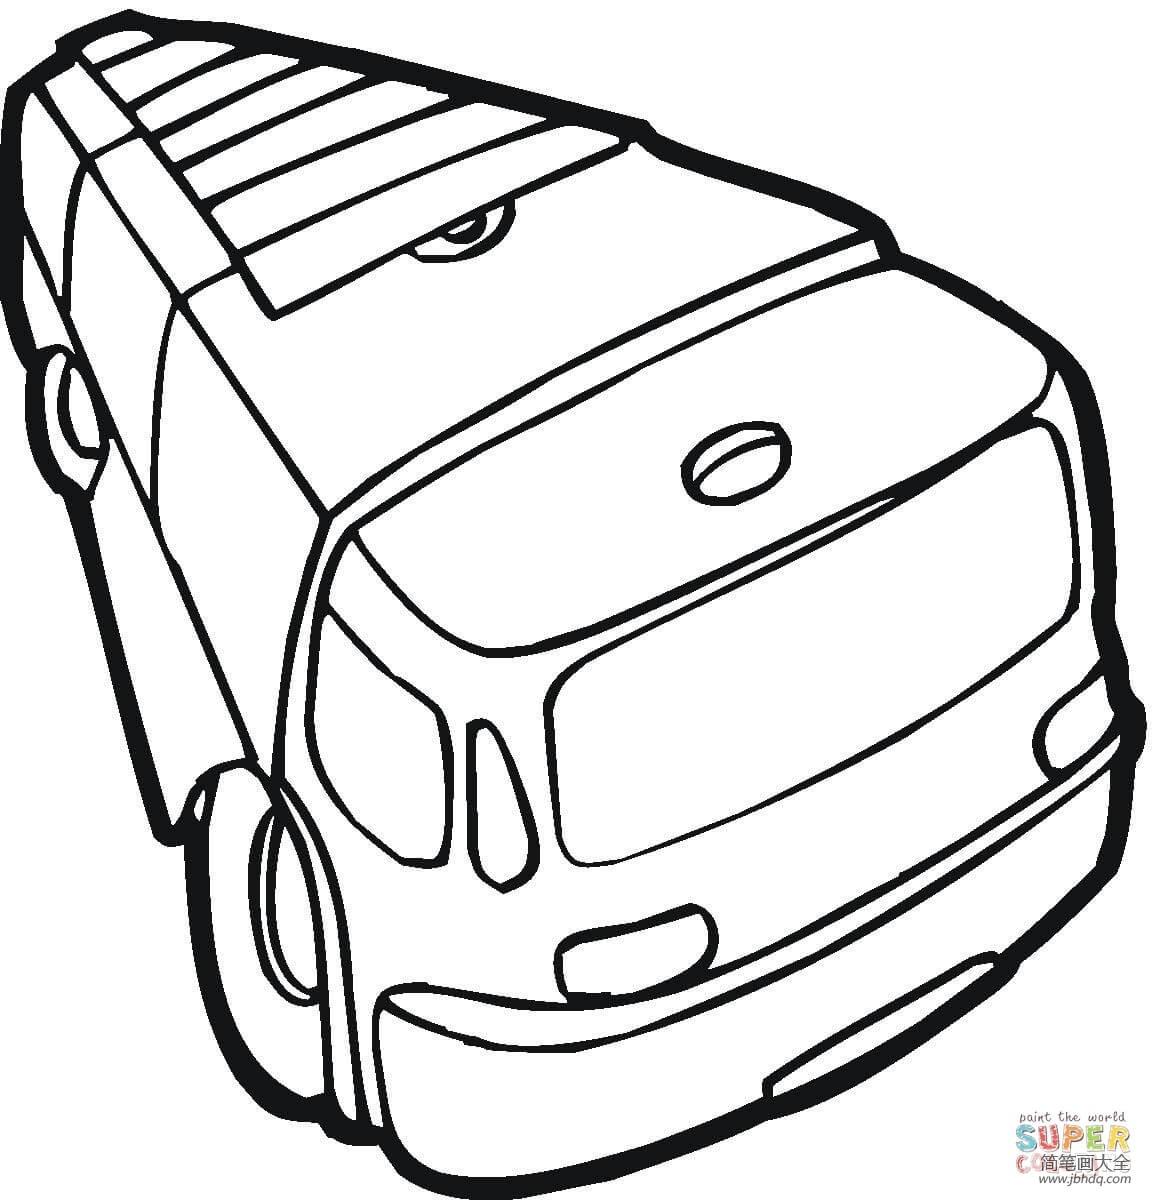 简笔画消防车的画法_消防车简单画法